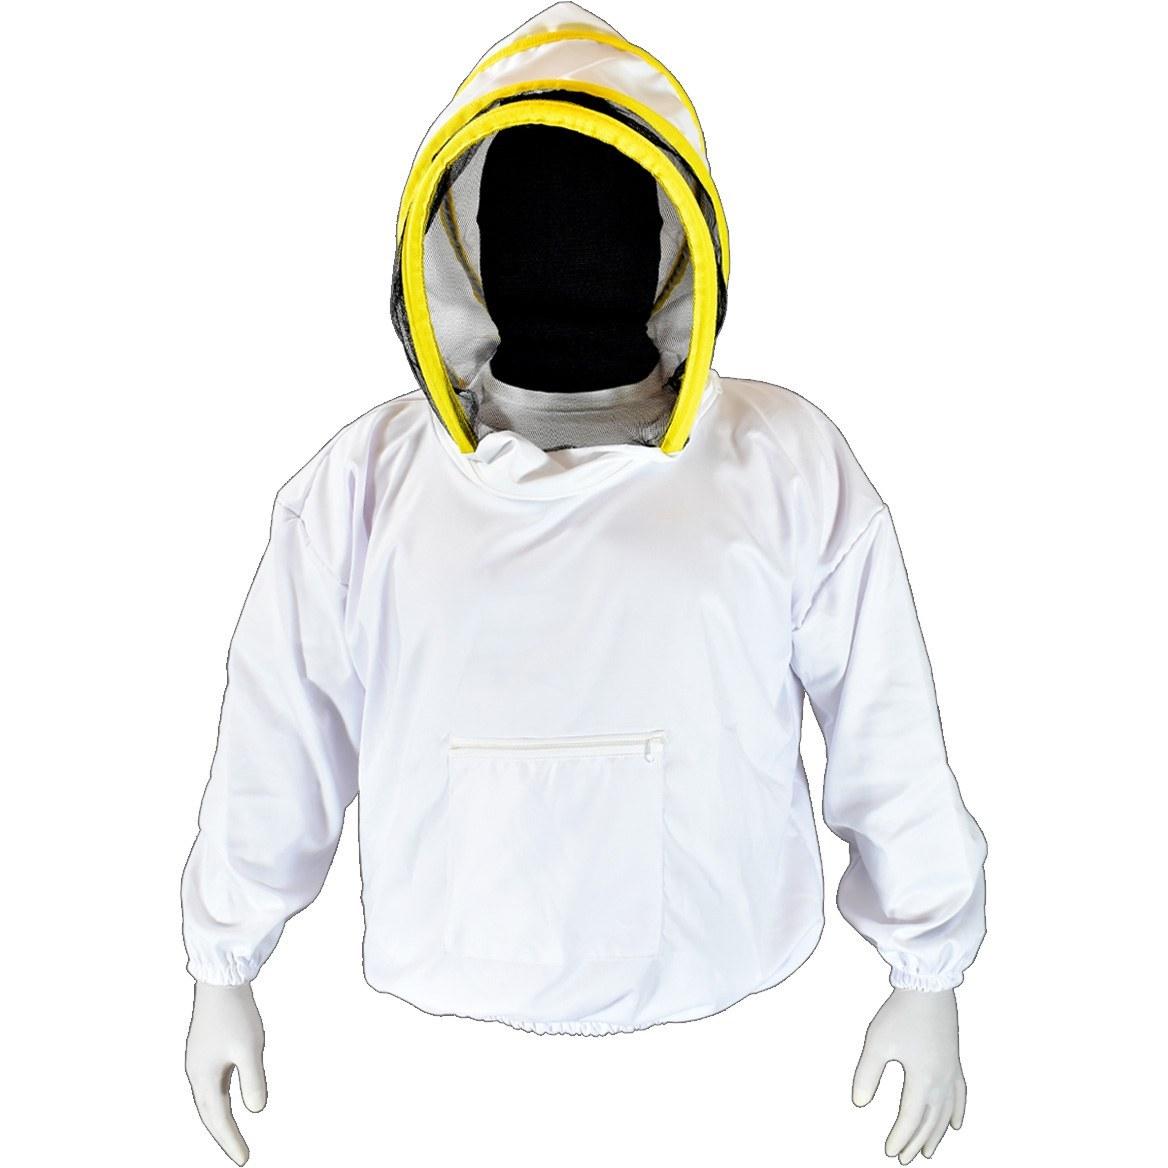 تصویر نیم تنه زنبورداری با کلاه فضایی